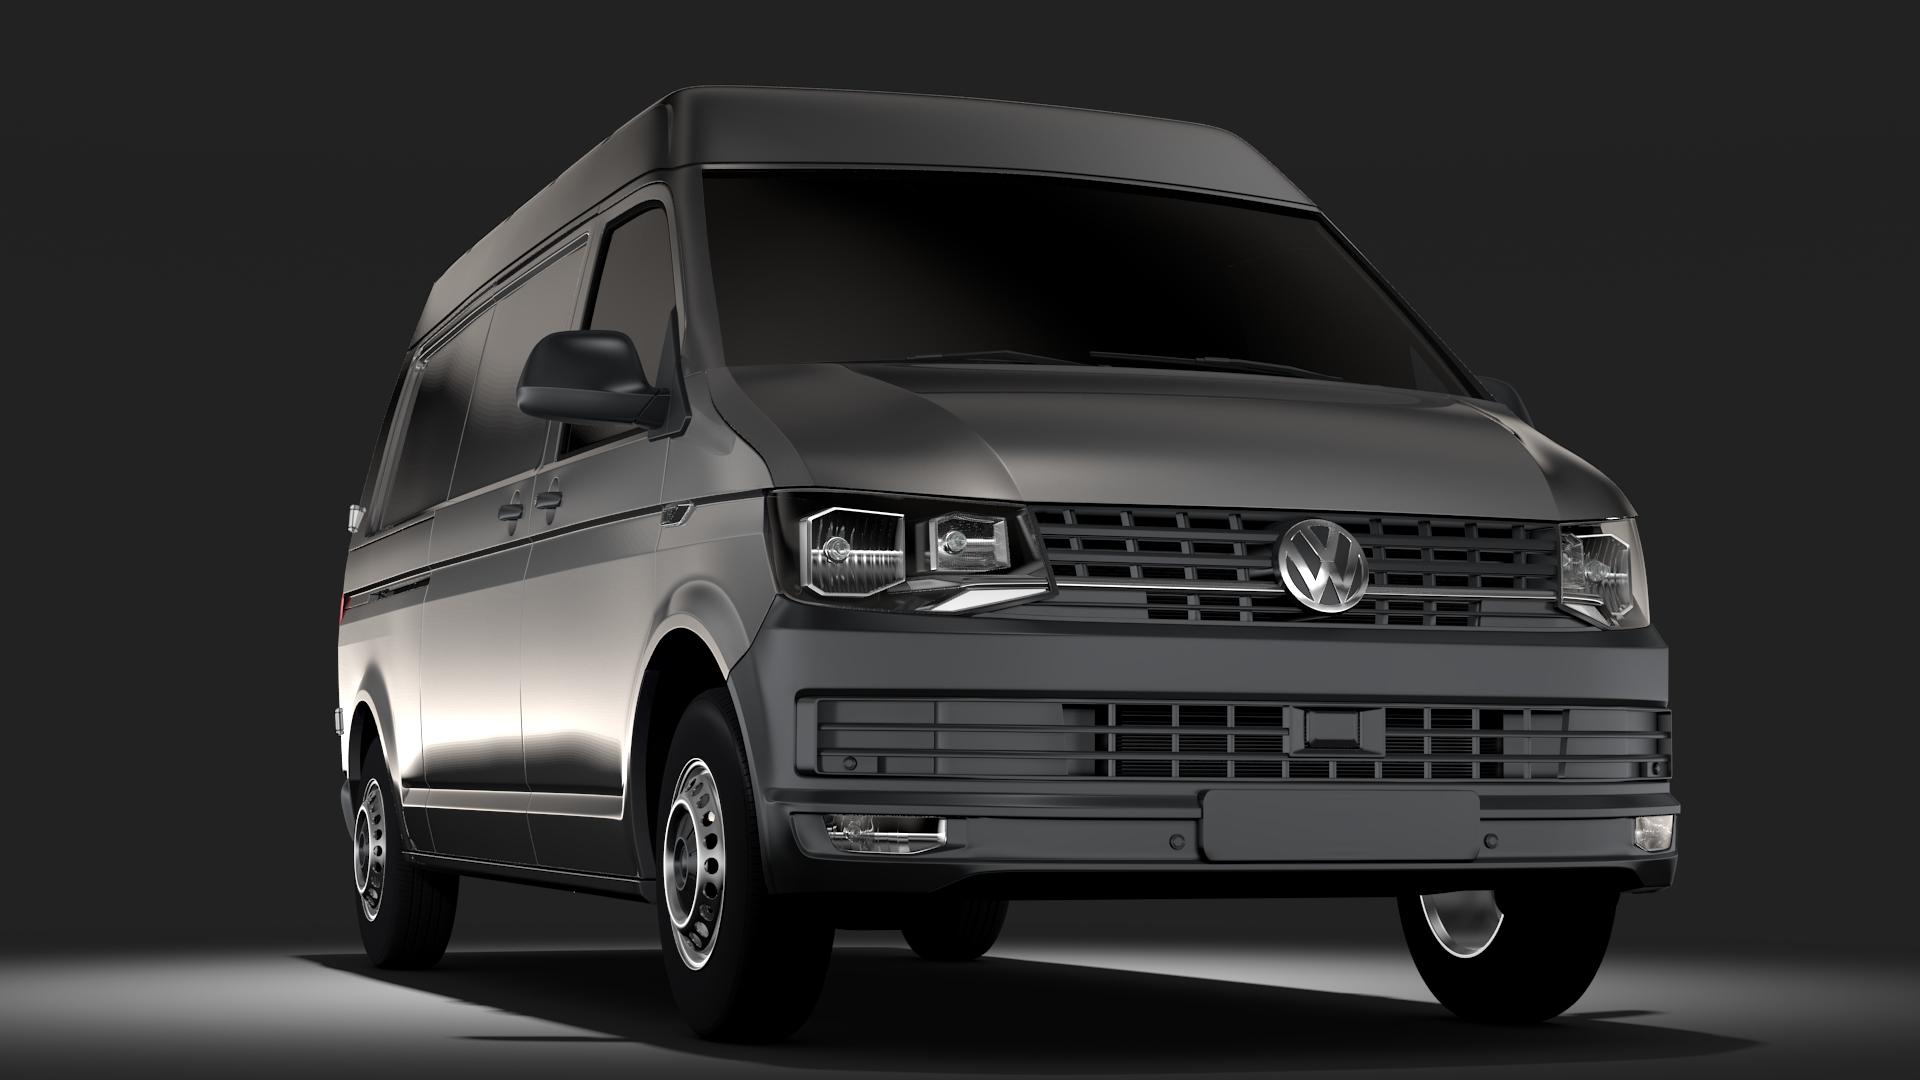 volkswagen transporter l2h2 t6 2017 3d model max fbx c4d